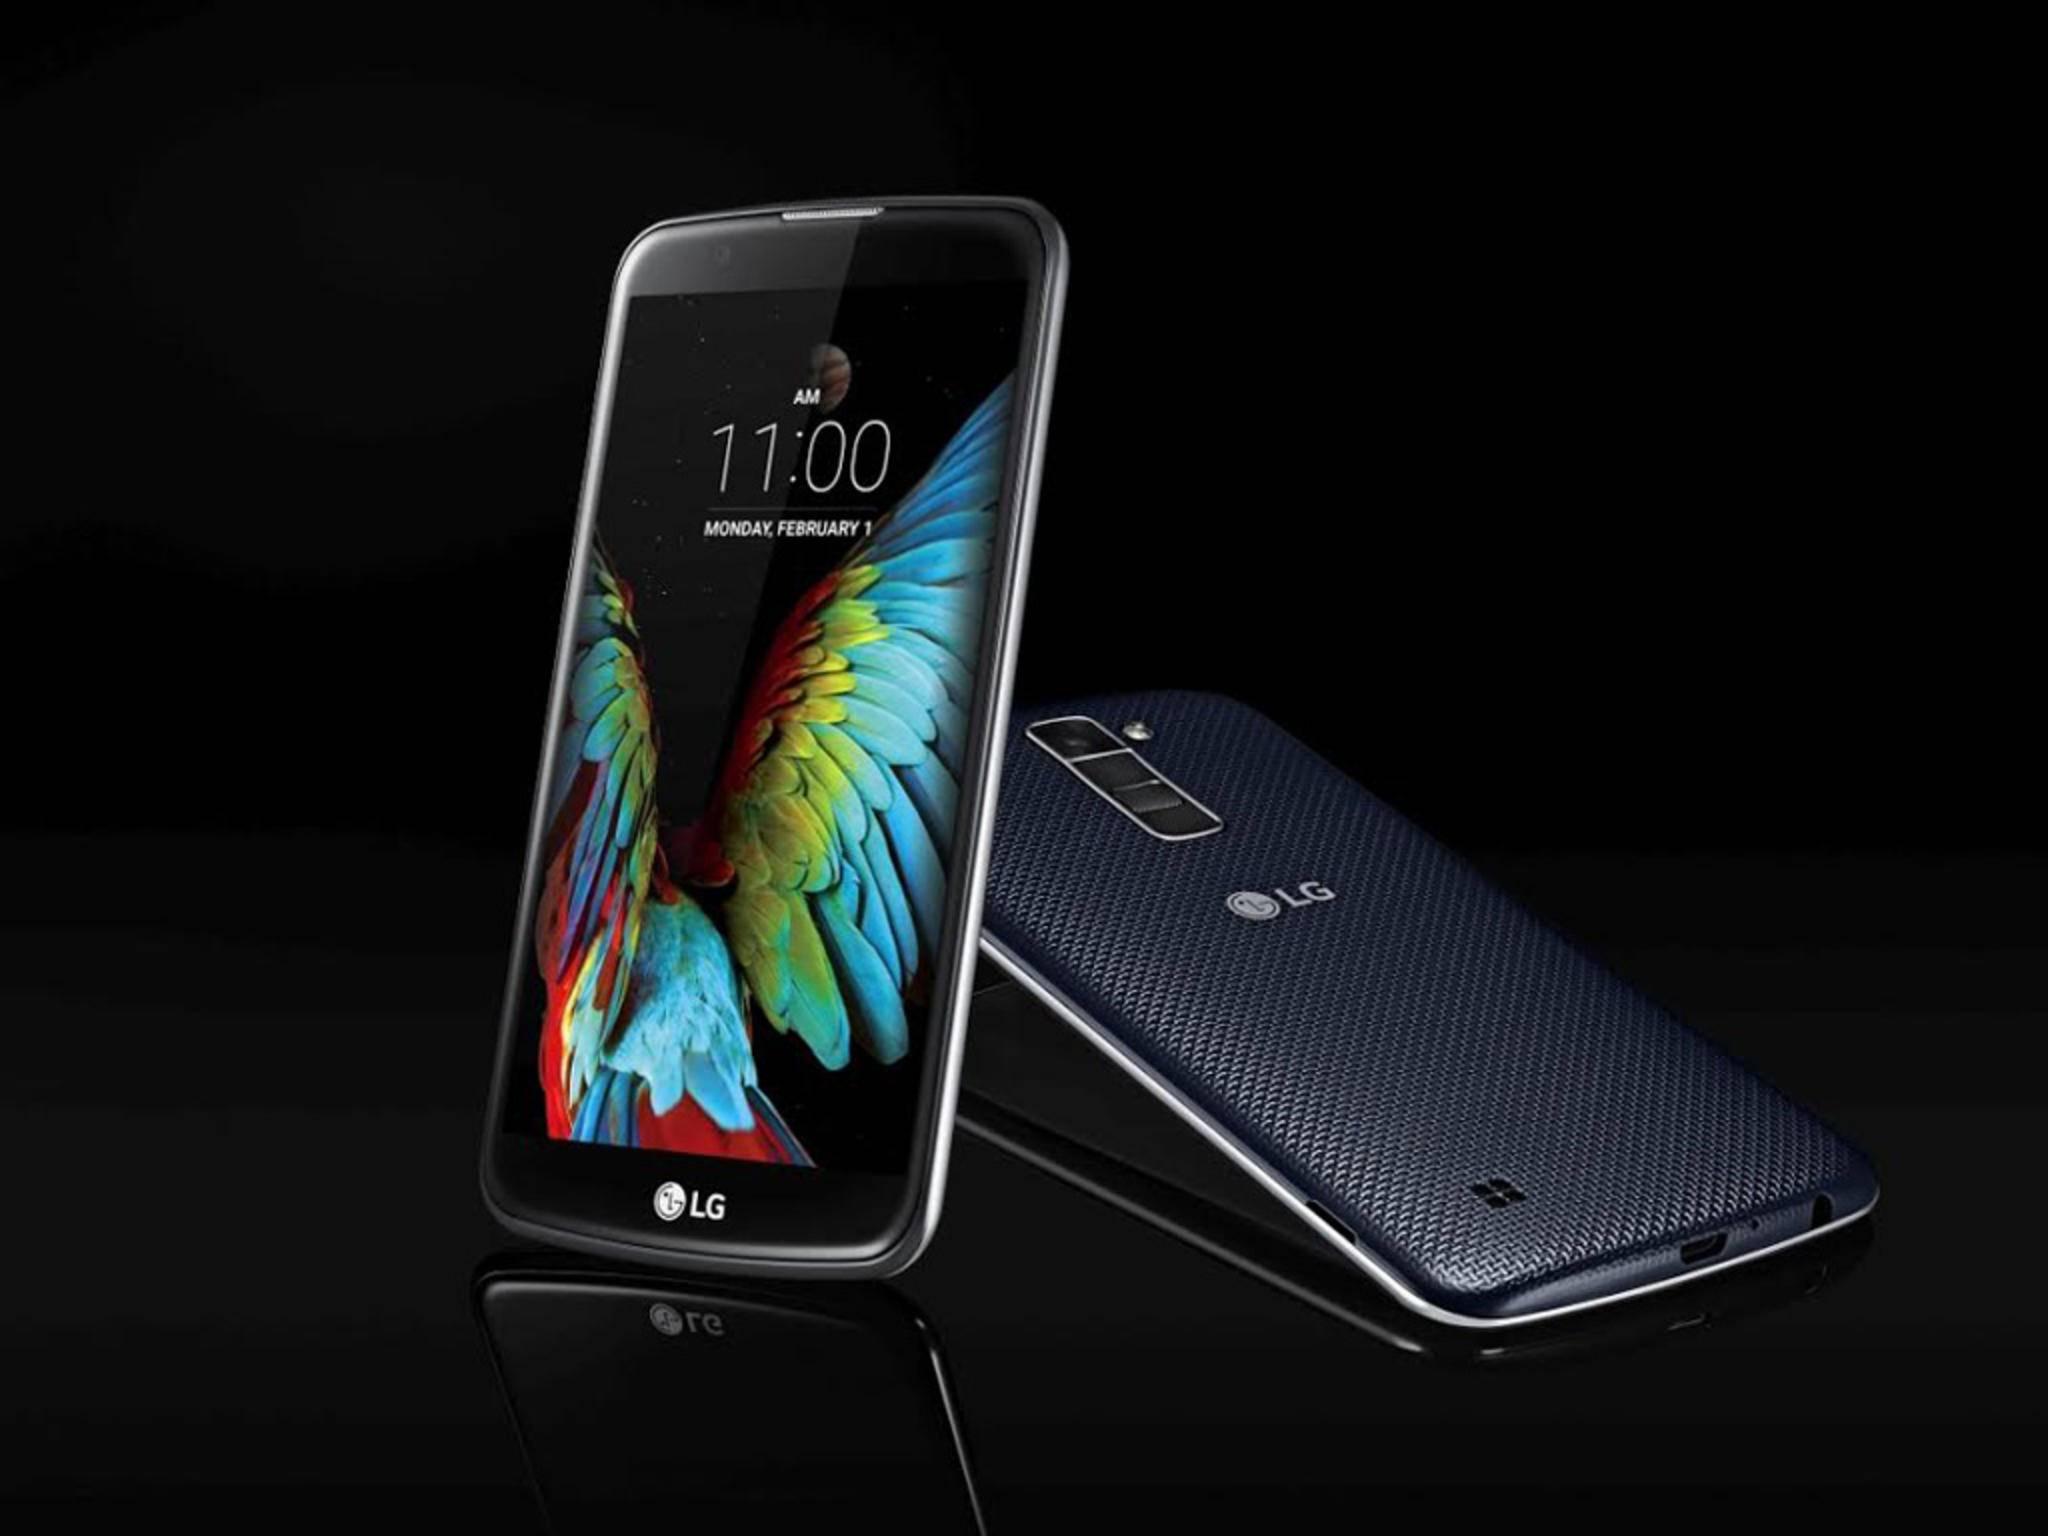 Das LG K10 hat ein neues Design und eine leistungsstarke Kamera.